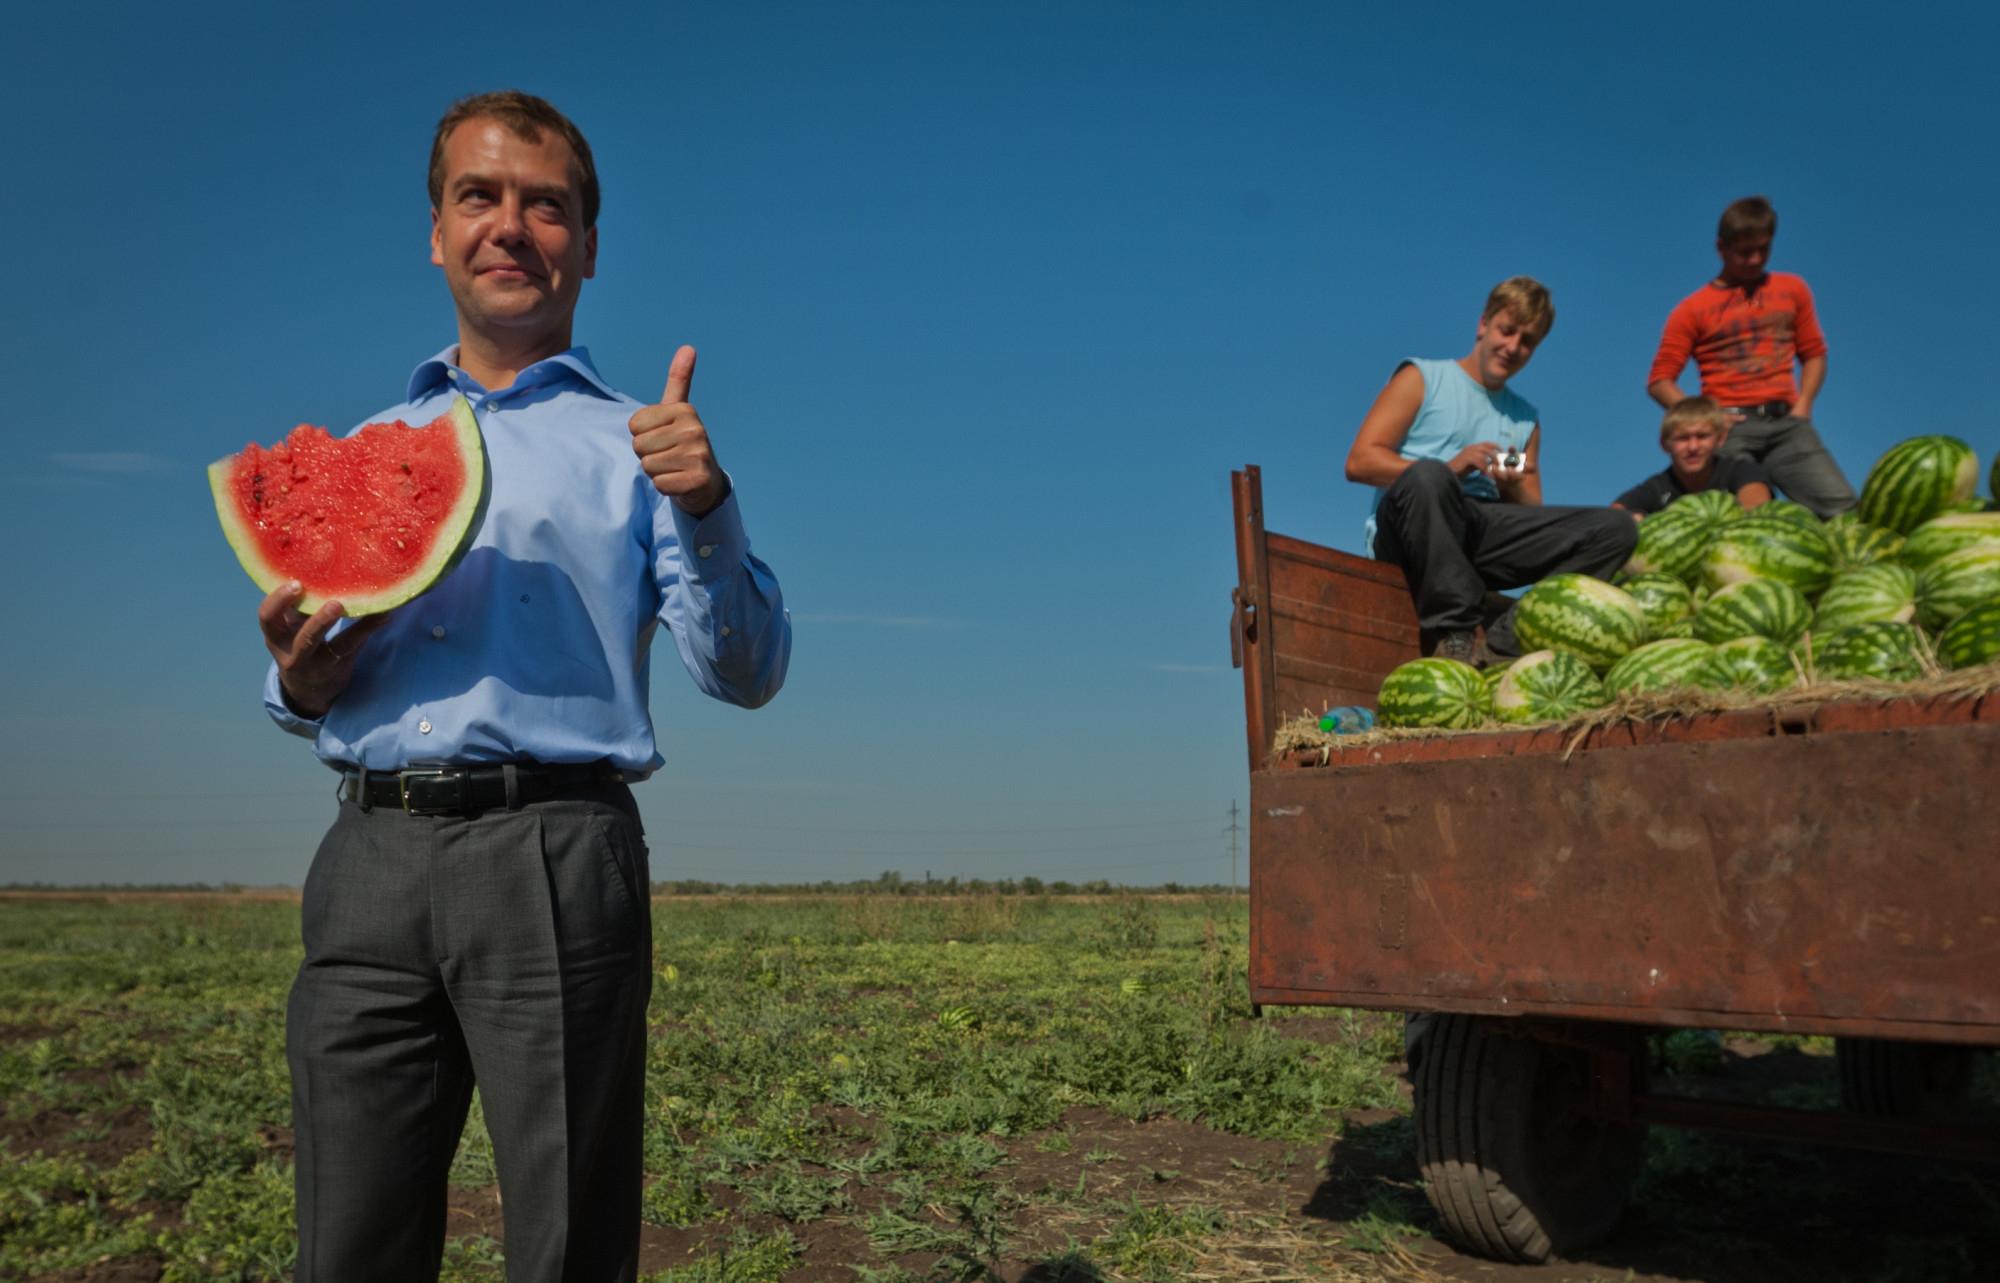 Прикольные картинки сбор урожая, смешные